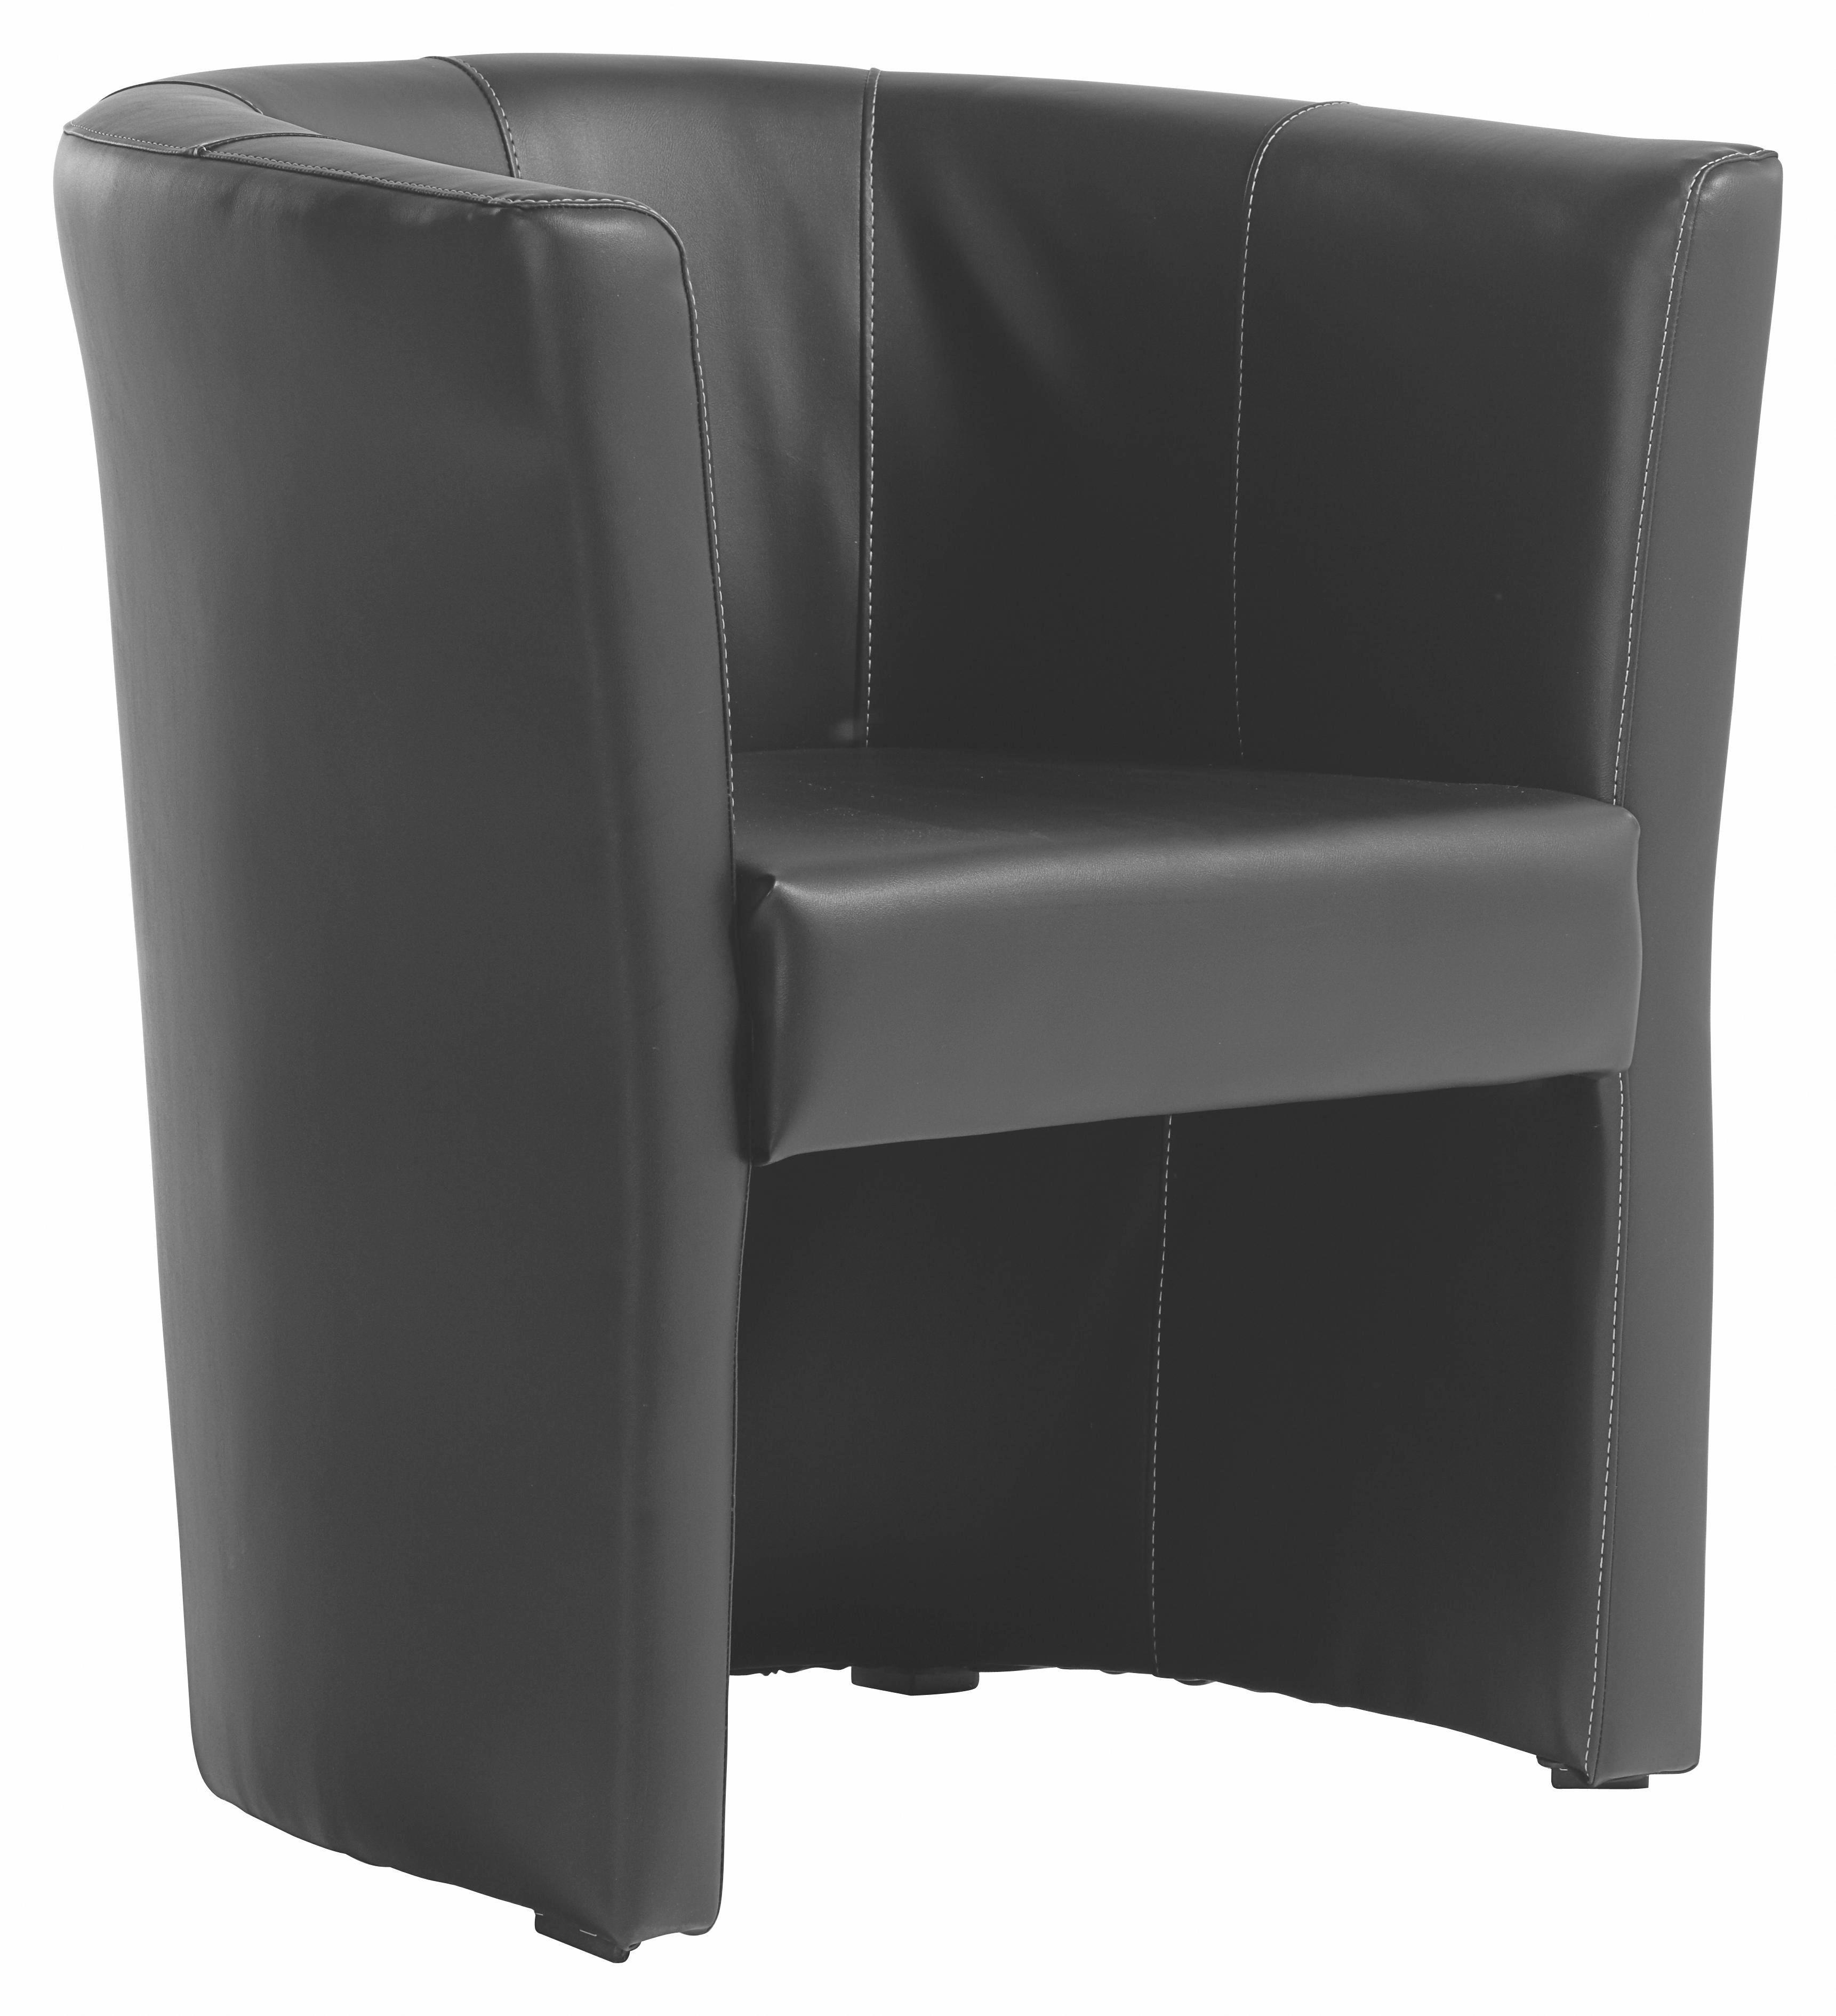 Sessel in Schwarz - Schwarz/Weiß, LIFESTYLE, Kunststoff/Textil (54/72/63cm) - MÖMAX modern living